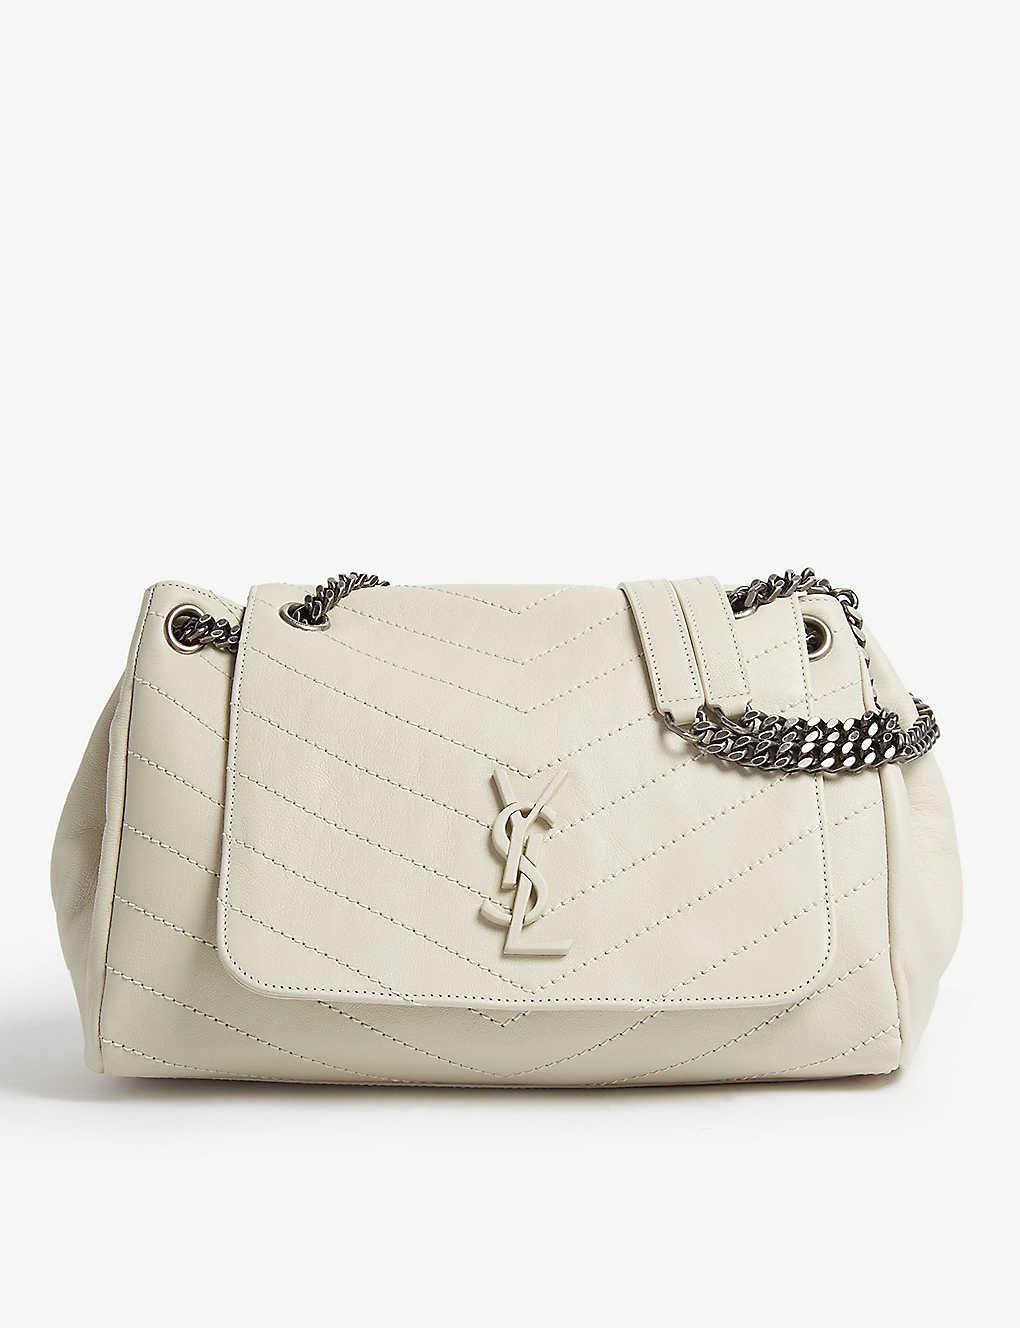 579599ed93f0 SAINT LAURENT - Nolita monogram medium leather shoulder bag ...